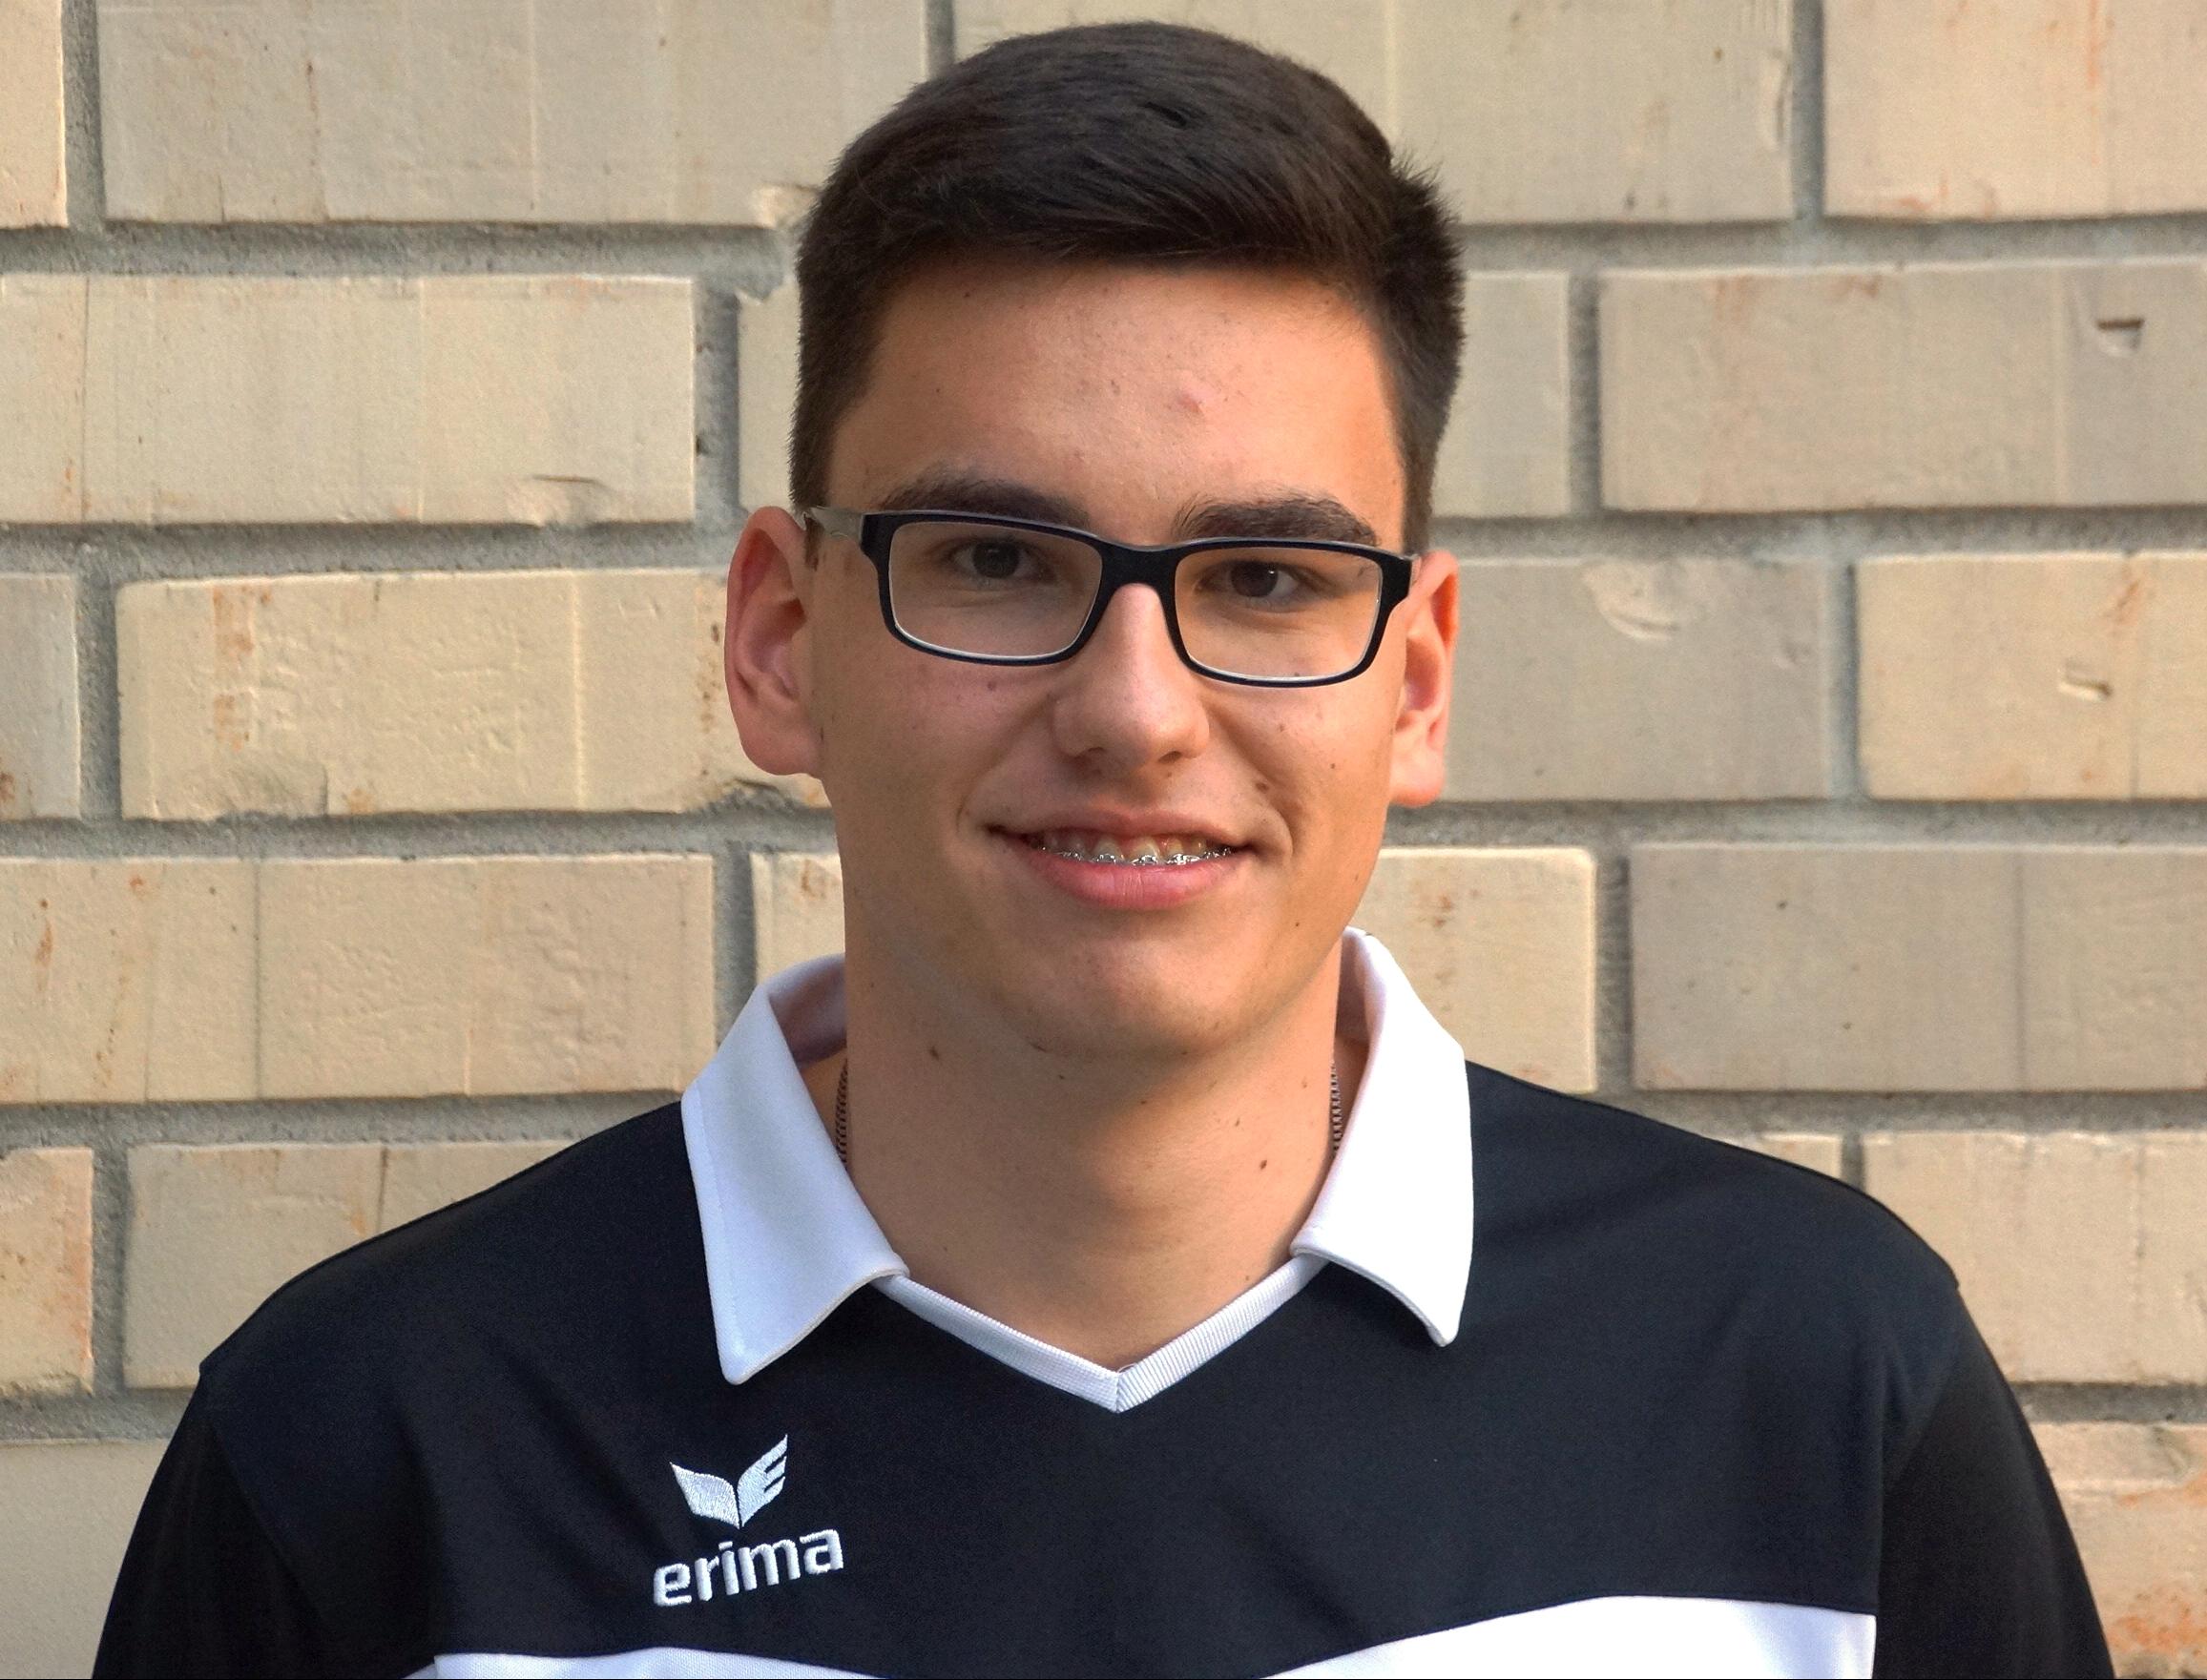 Daniel Leskovic